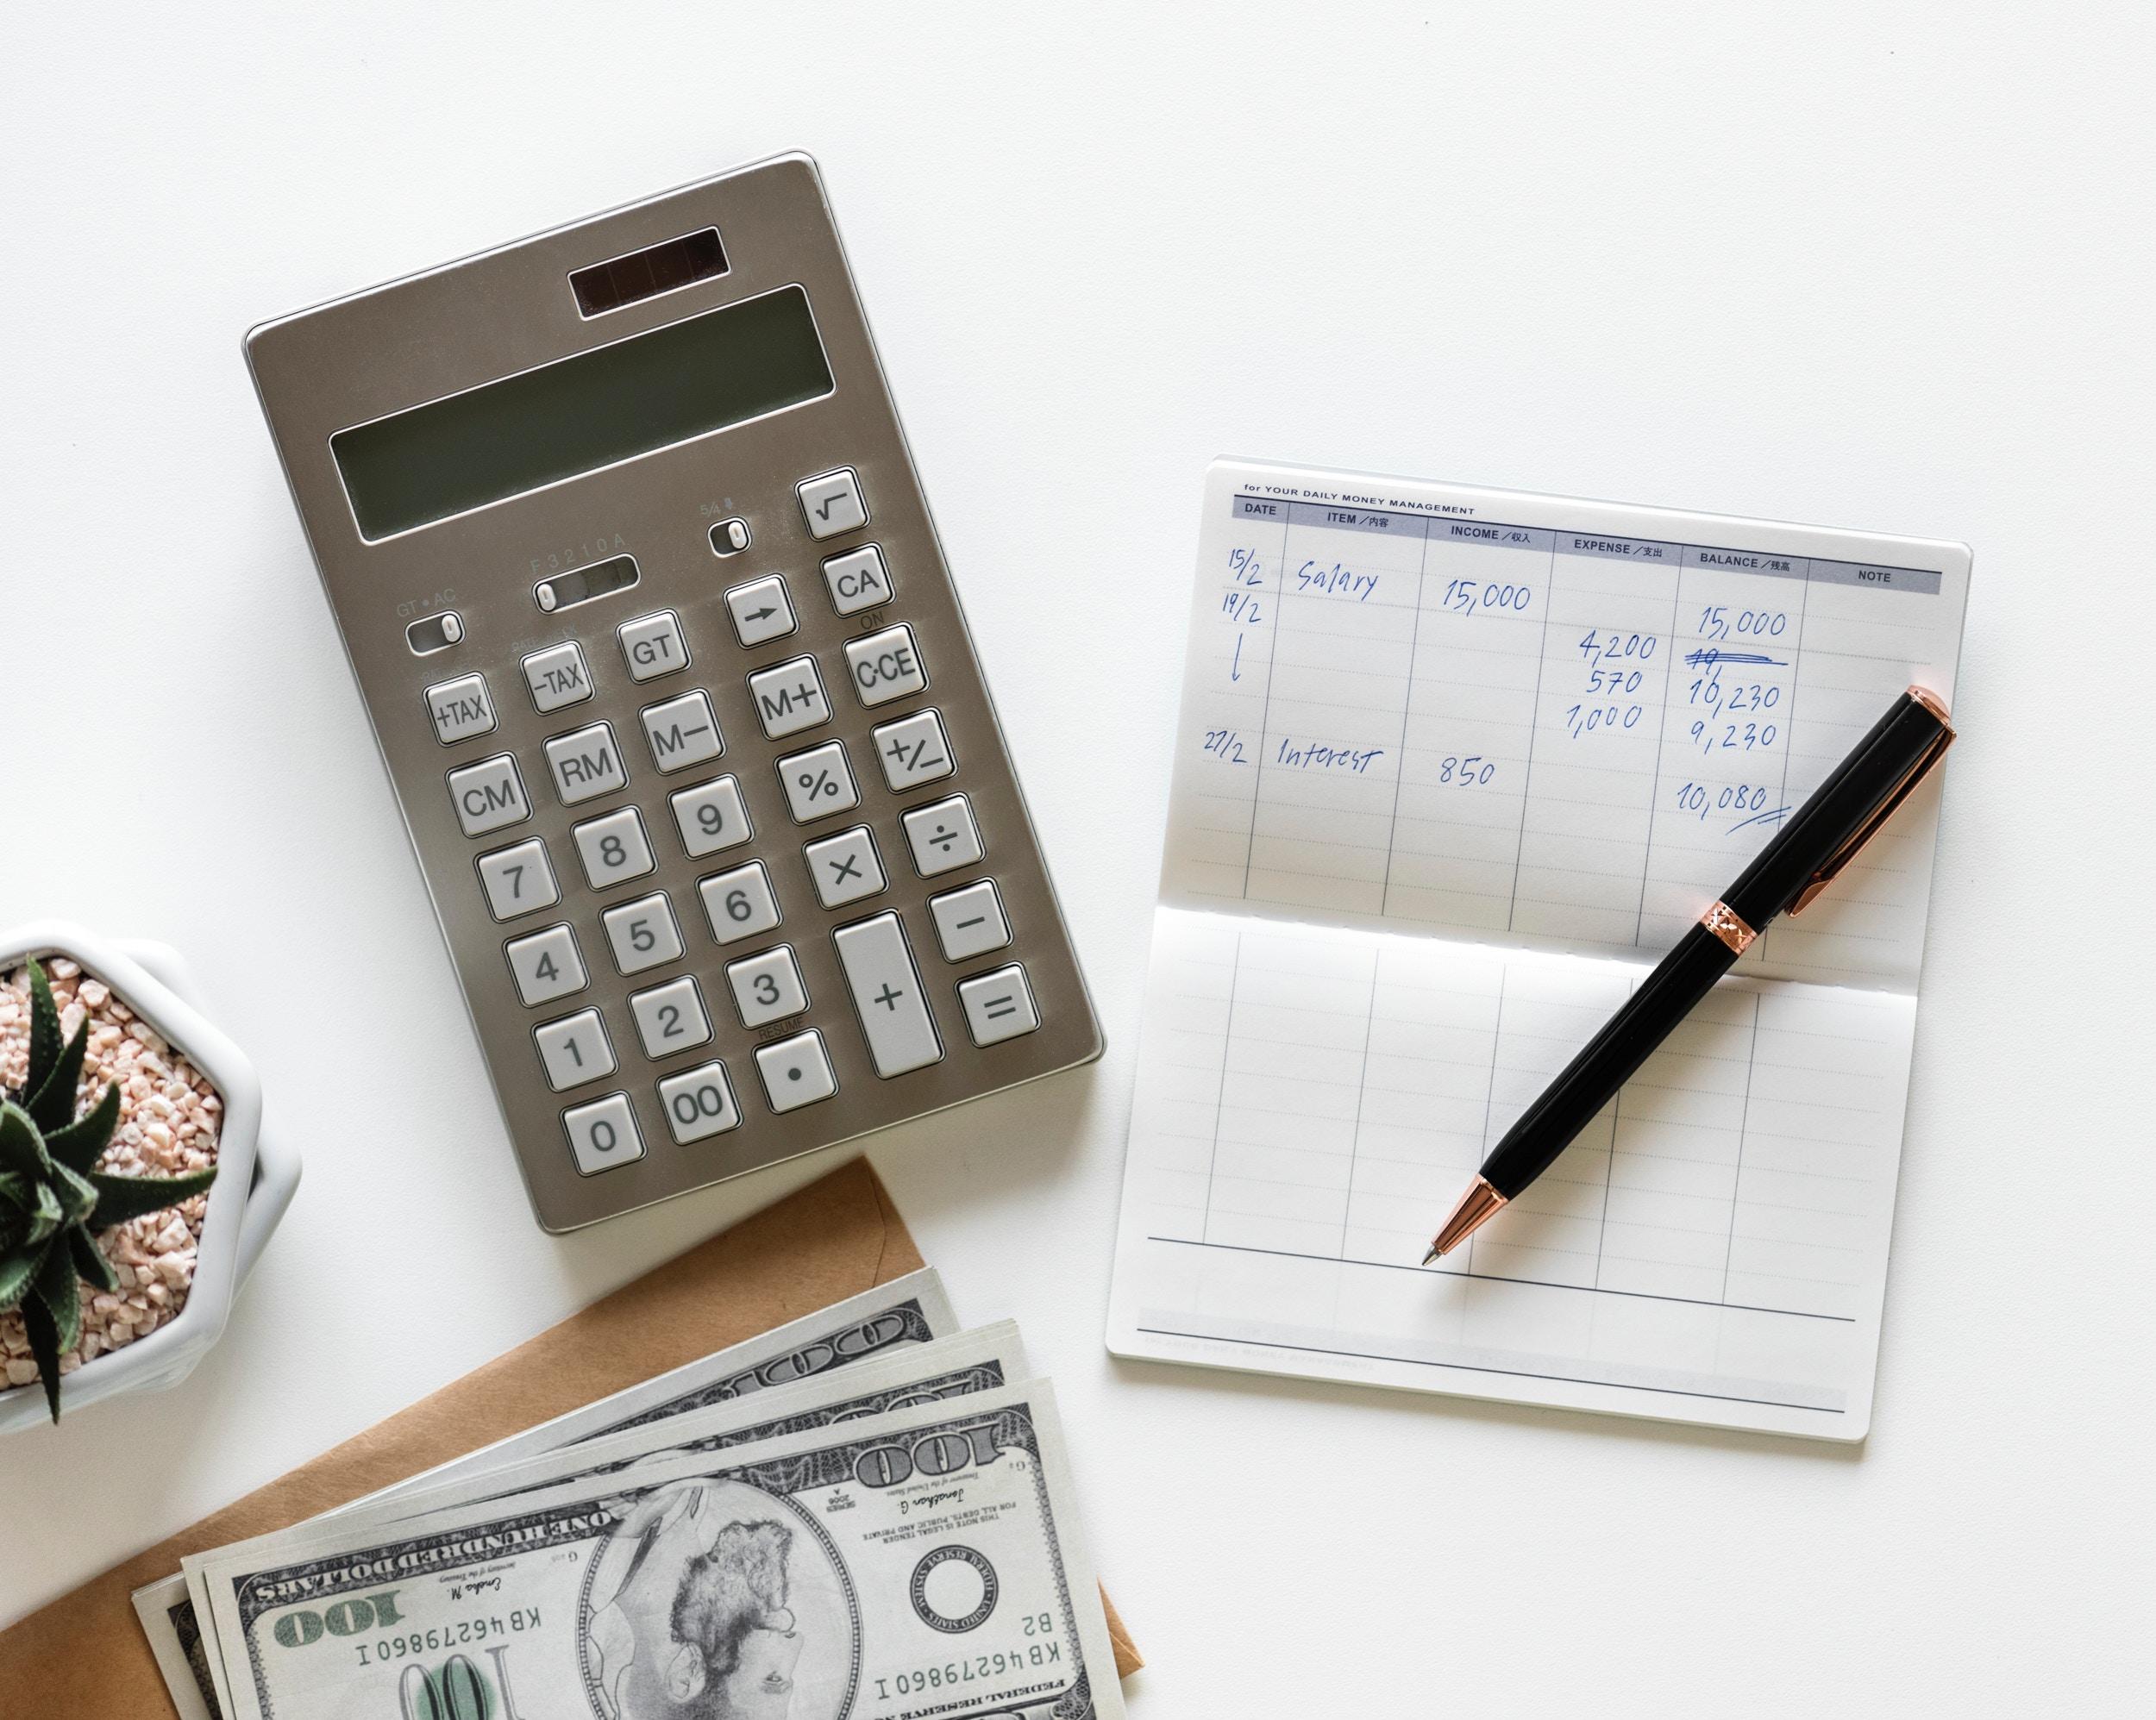 Taux d'emprunt bancaire professionnel